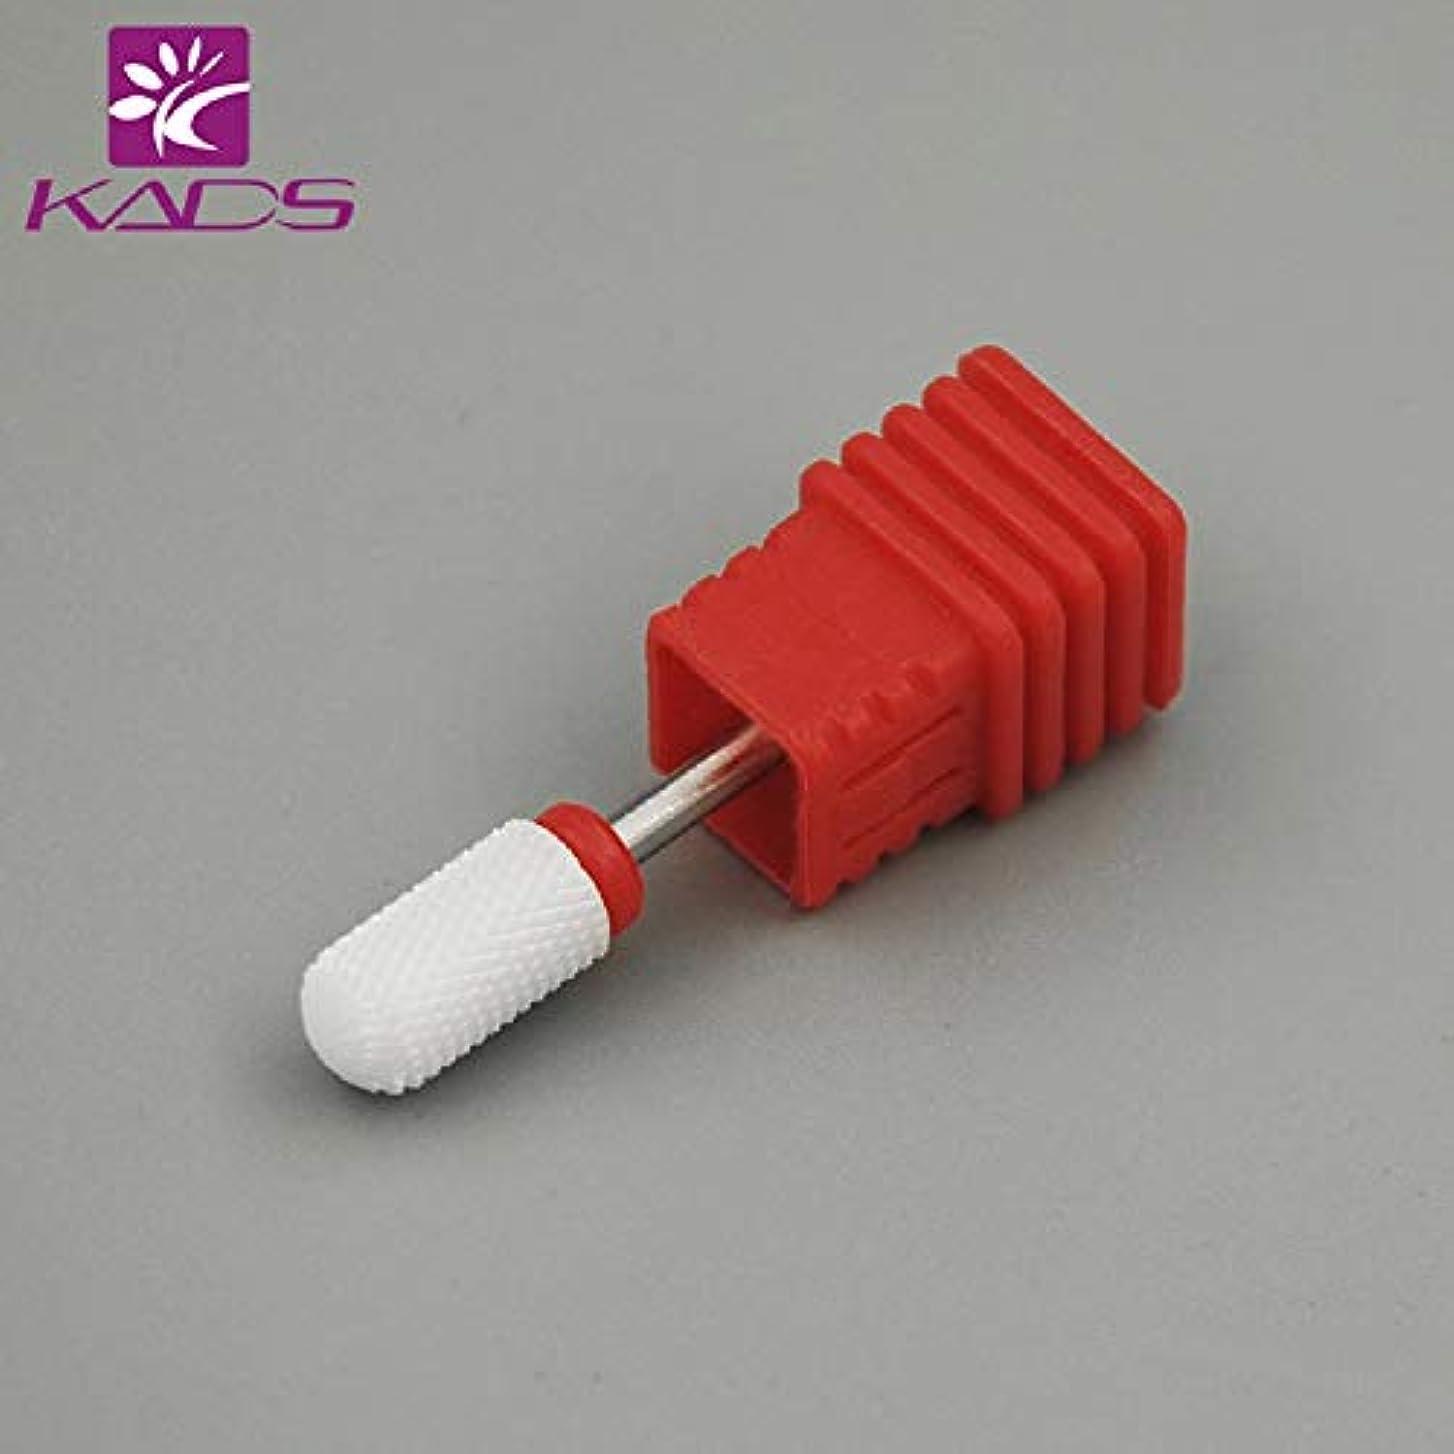 大宇宙誰が魅力KADS 陶磁器ドリルビット 3個セット ネイルマシンビット ロータリーファイル 研削ネイル 切削工具 耐摩耗性 耐腐食性 高硬度 (F)